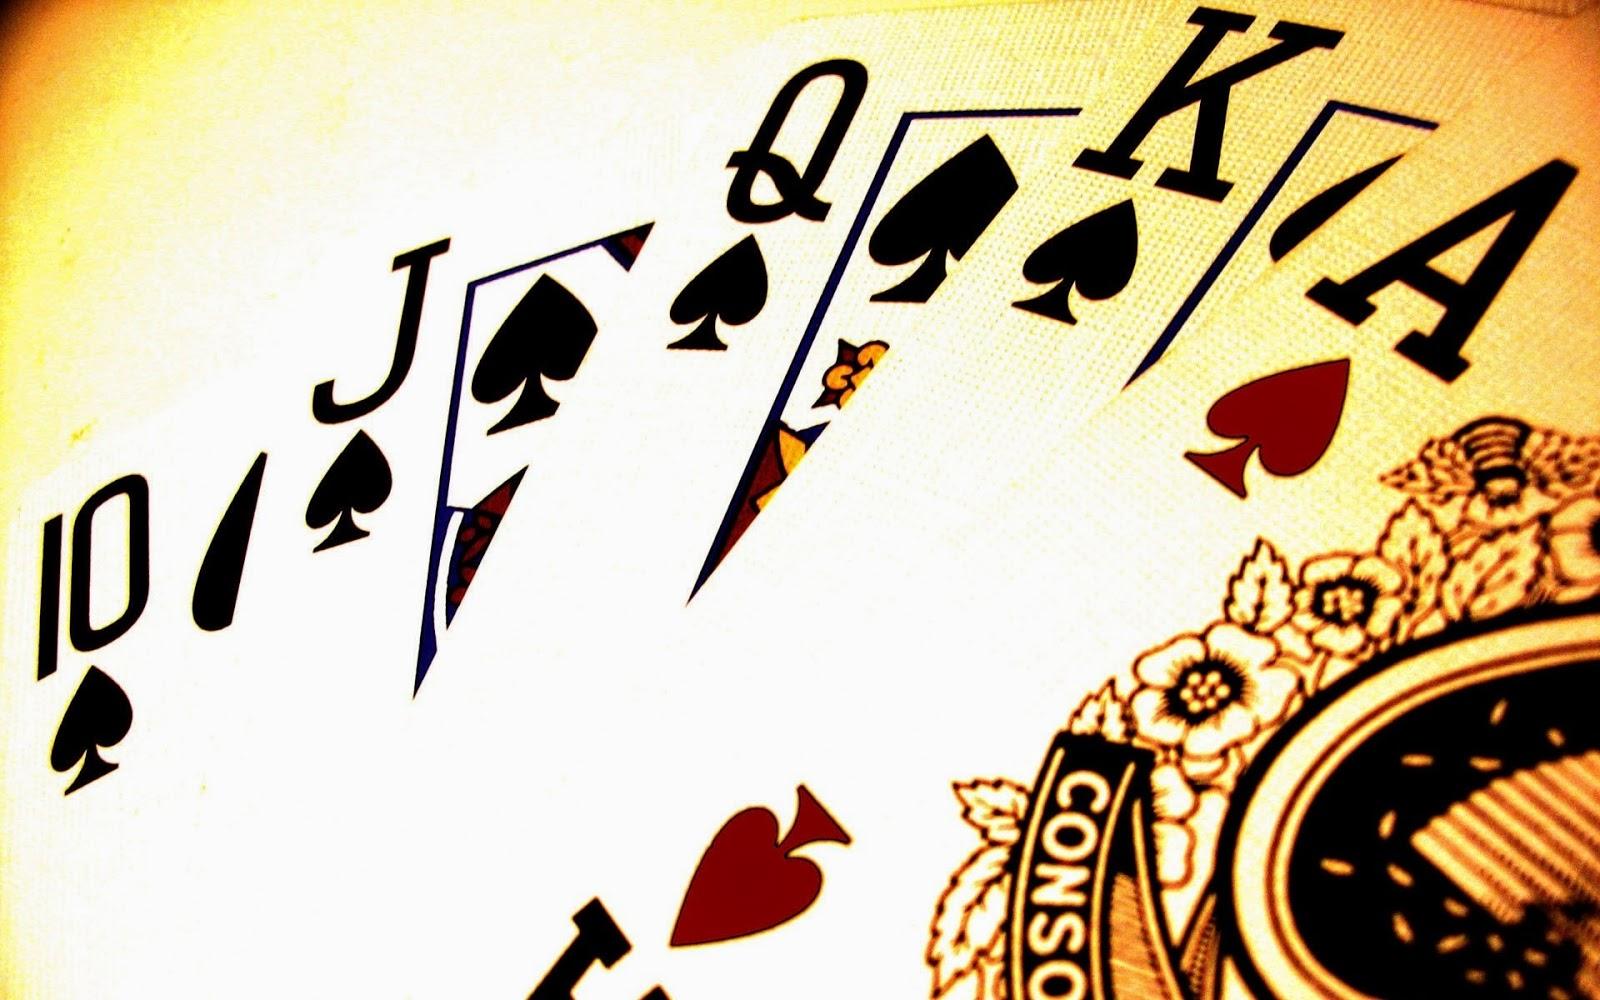 Poker j q k